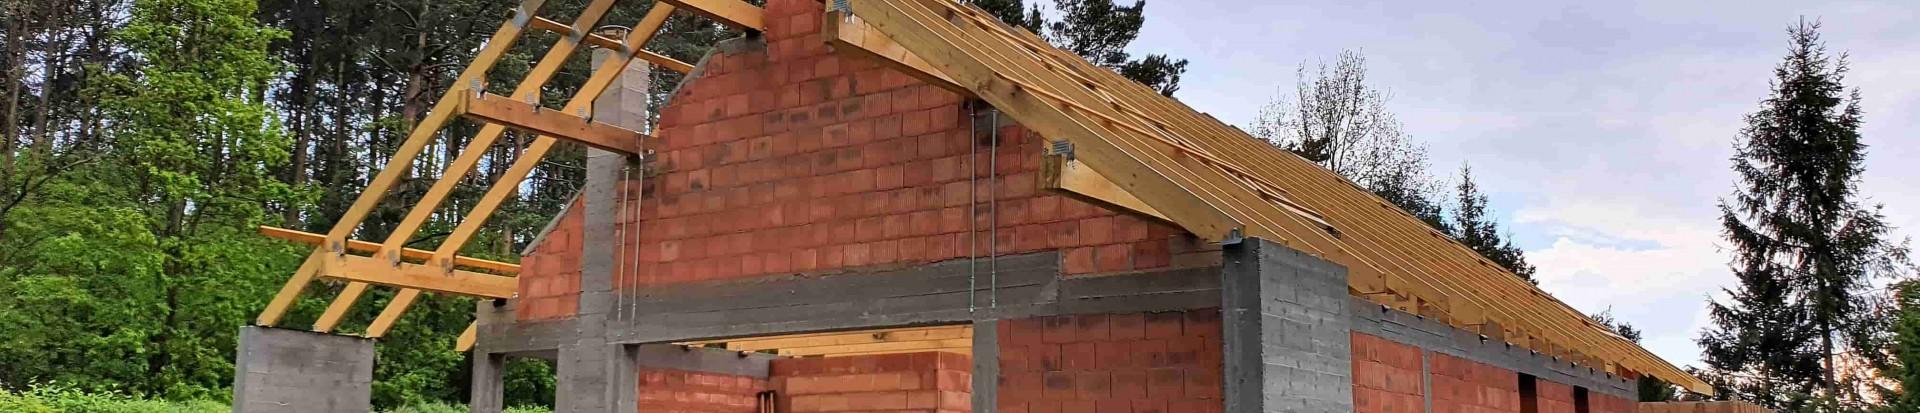 Konstrukcja dachu domu jednorodzinnego w miejscowości Rąbień